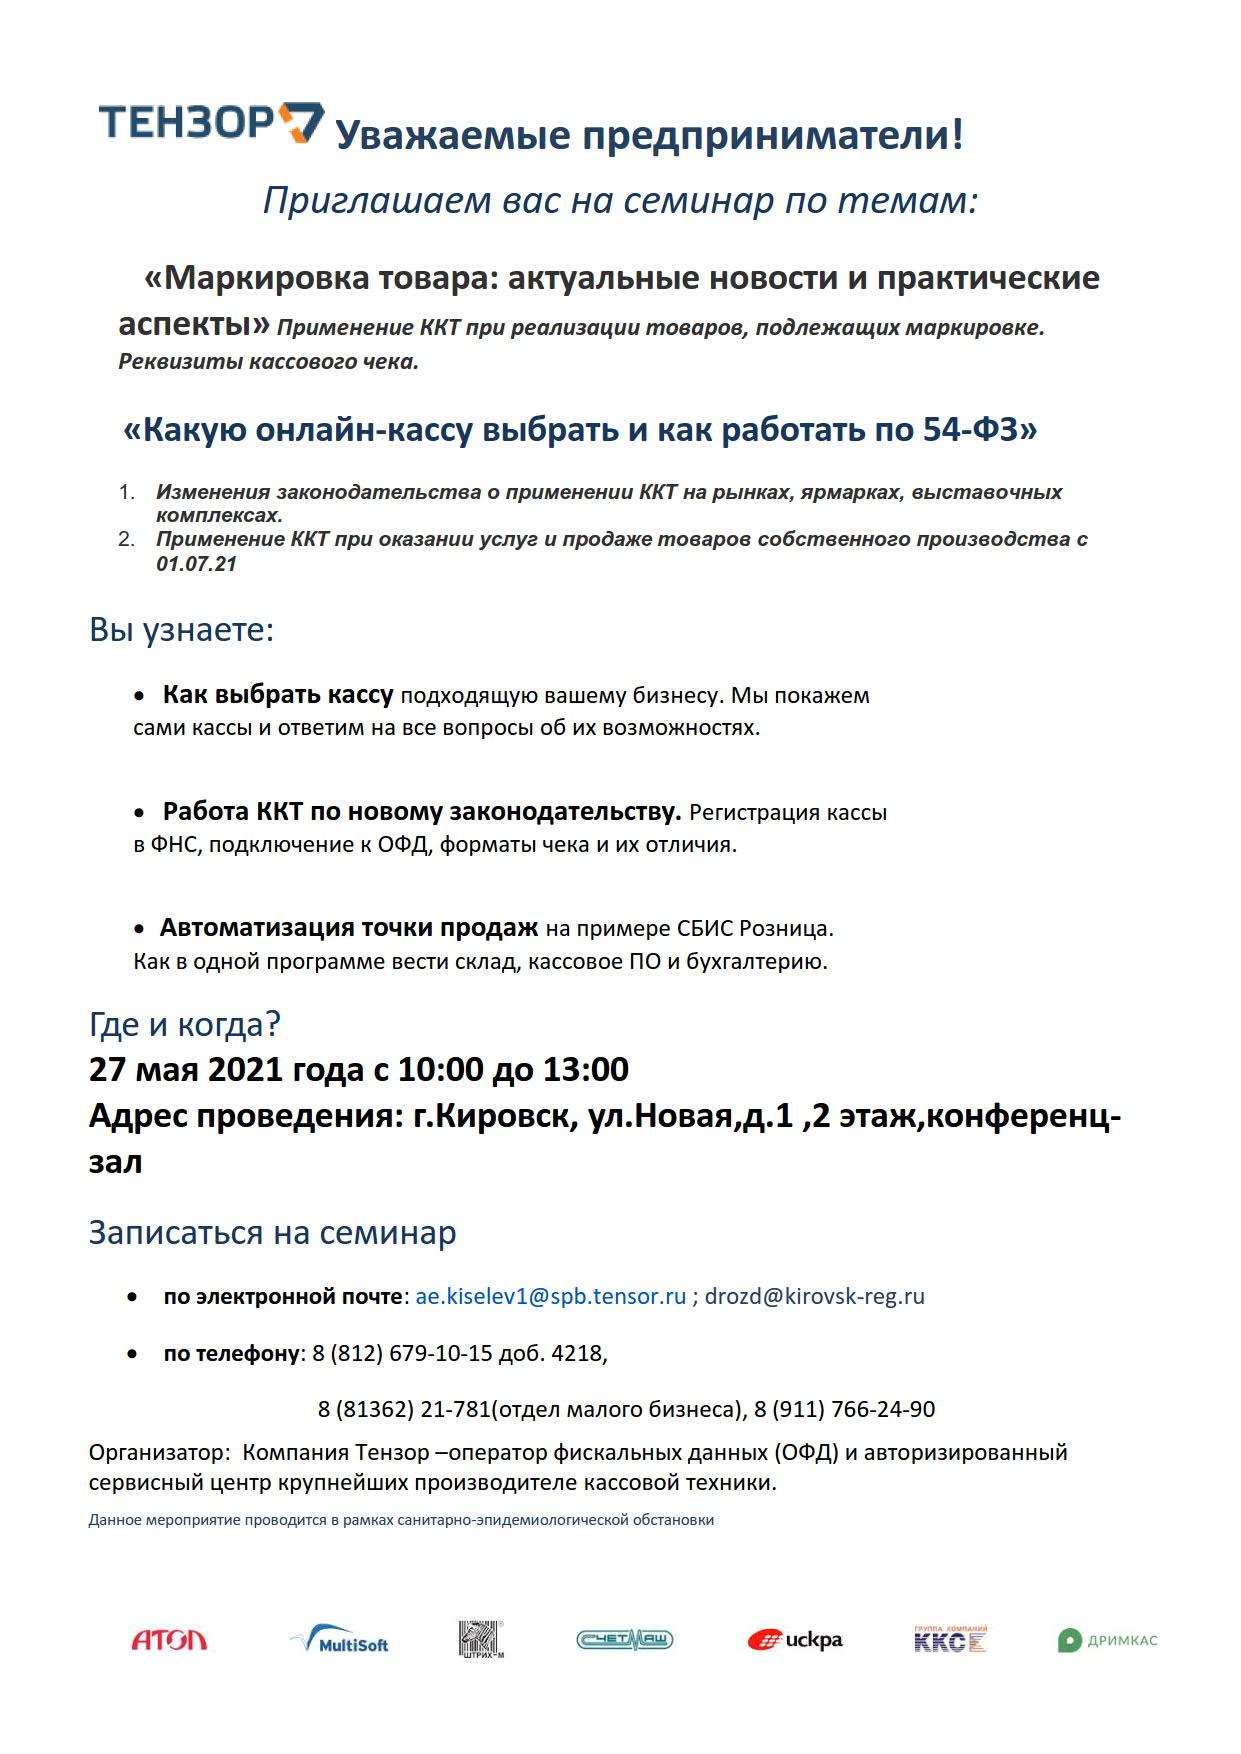 Приглашение на семинар 27.05.2021 (2)-2_1